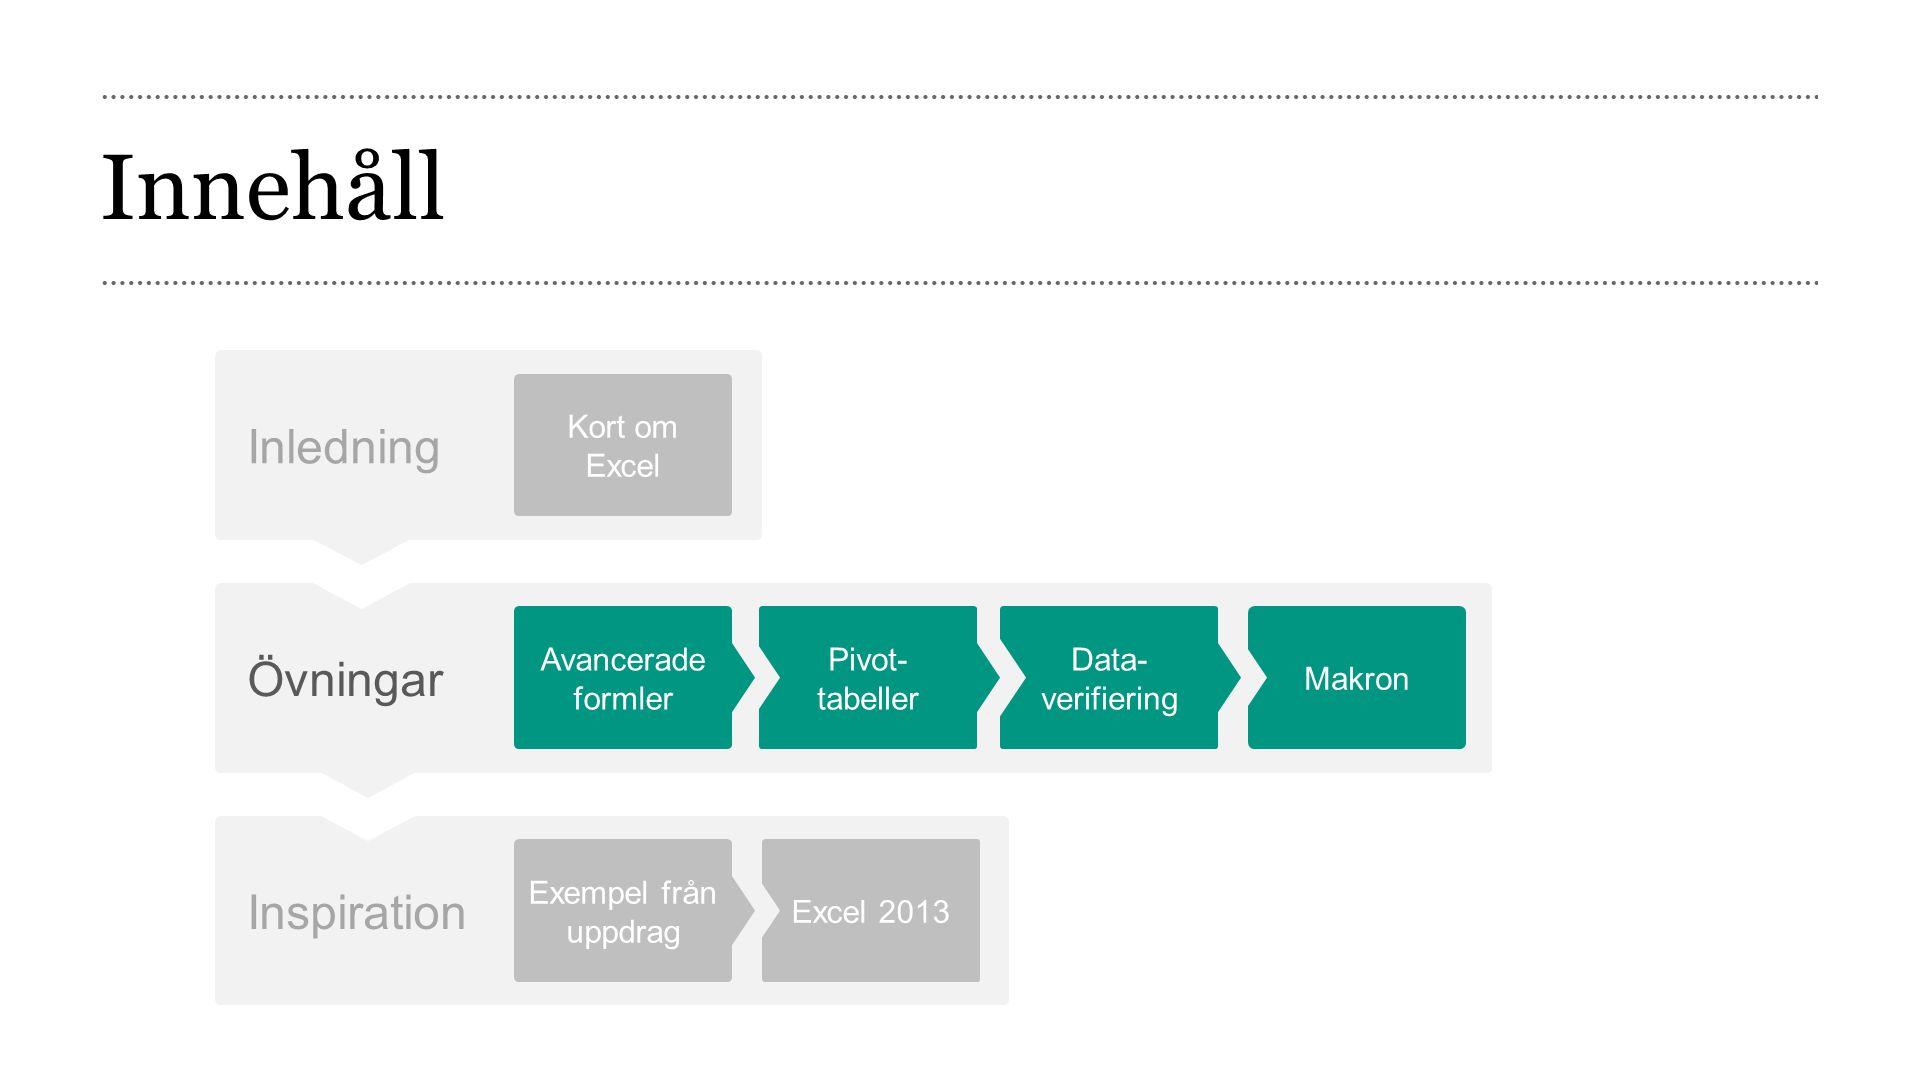 Innehåll Inledning Kort om mig Knowit Excel Övningar Sortera och filtrera Formler Fönsteralternativ Villkorsstyrd formatering Låsa kalkylblad Diagram Avslut Exempel från mina uppdrag Inledning Övningar Inspiration Kort om Excel Avancerade formler Pivot- tabeller Data- verifiering Makron Exempel från uppdrag Excel 2013